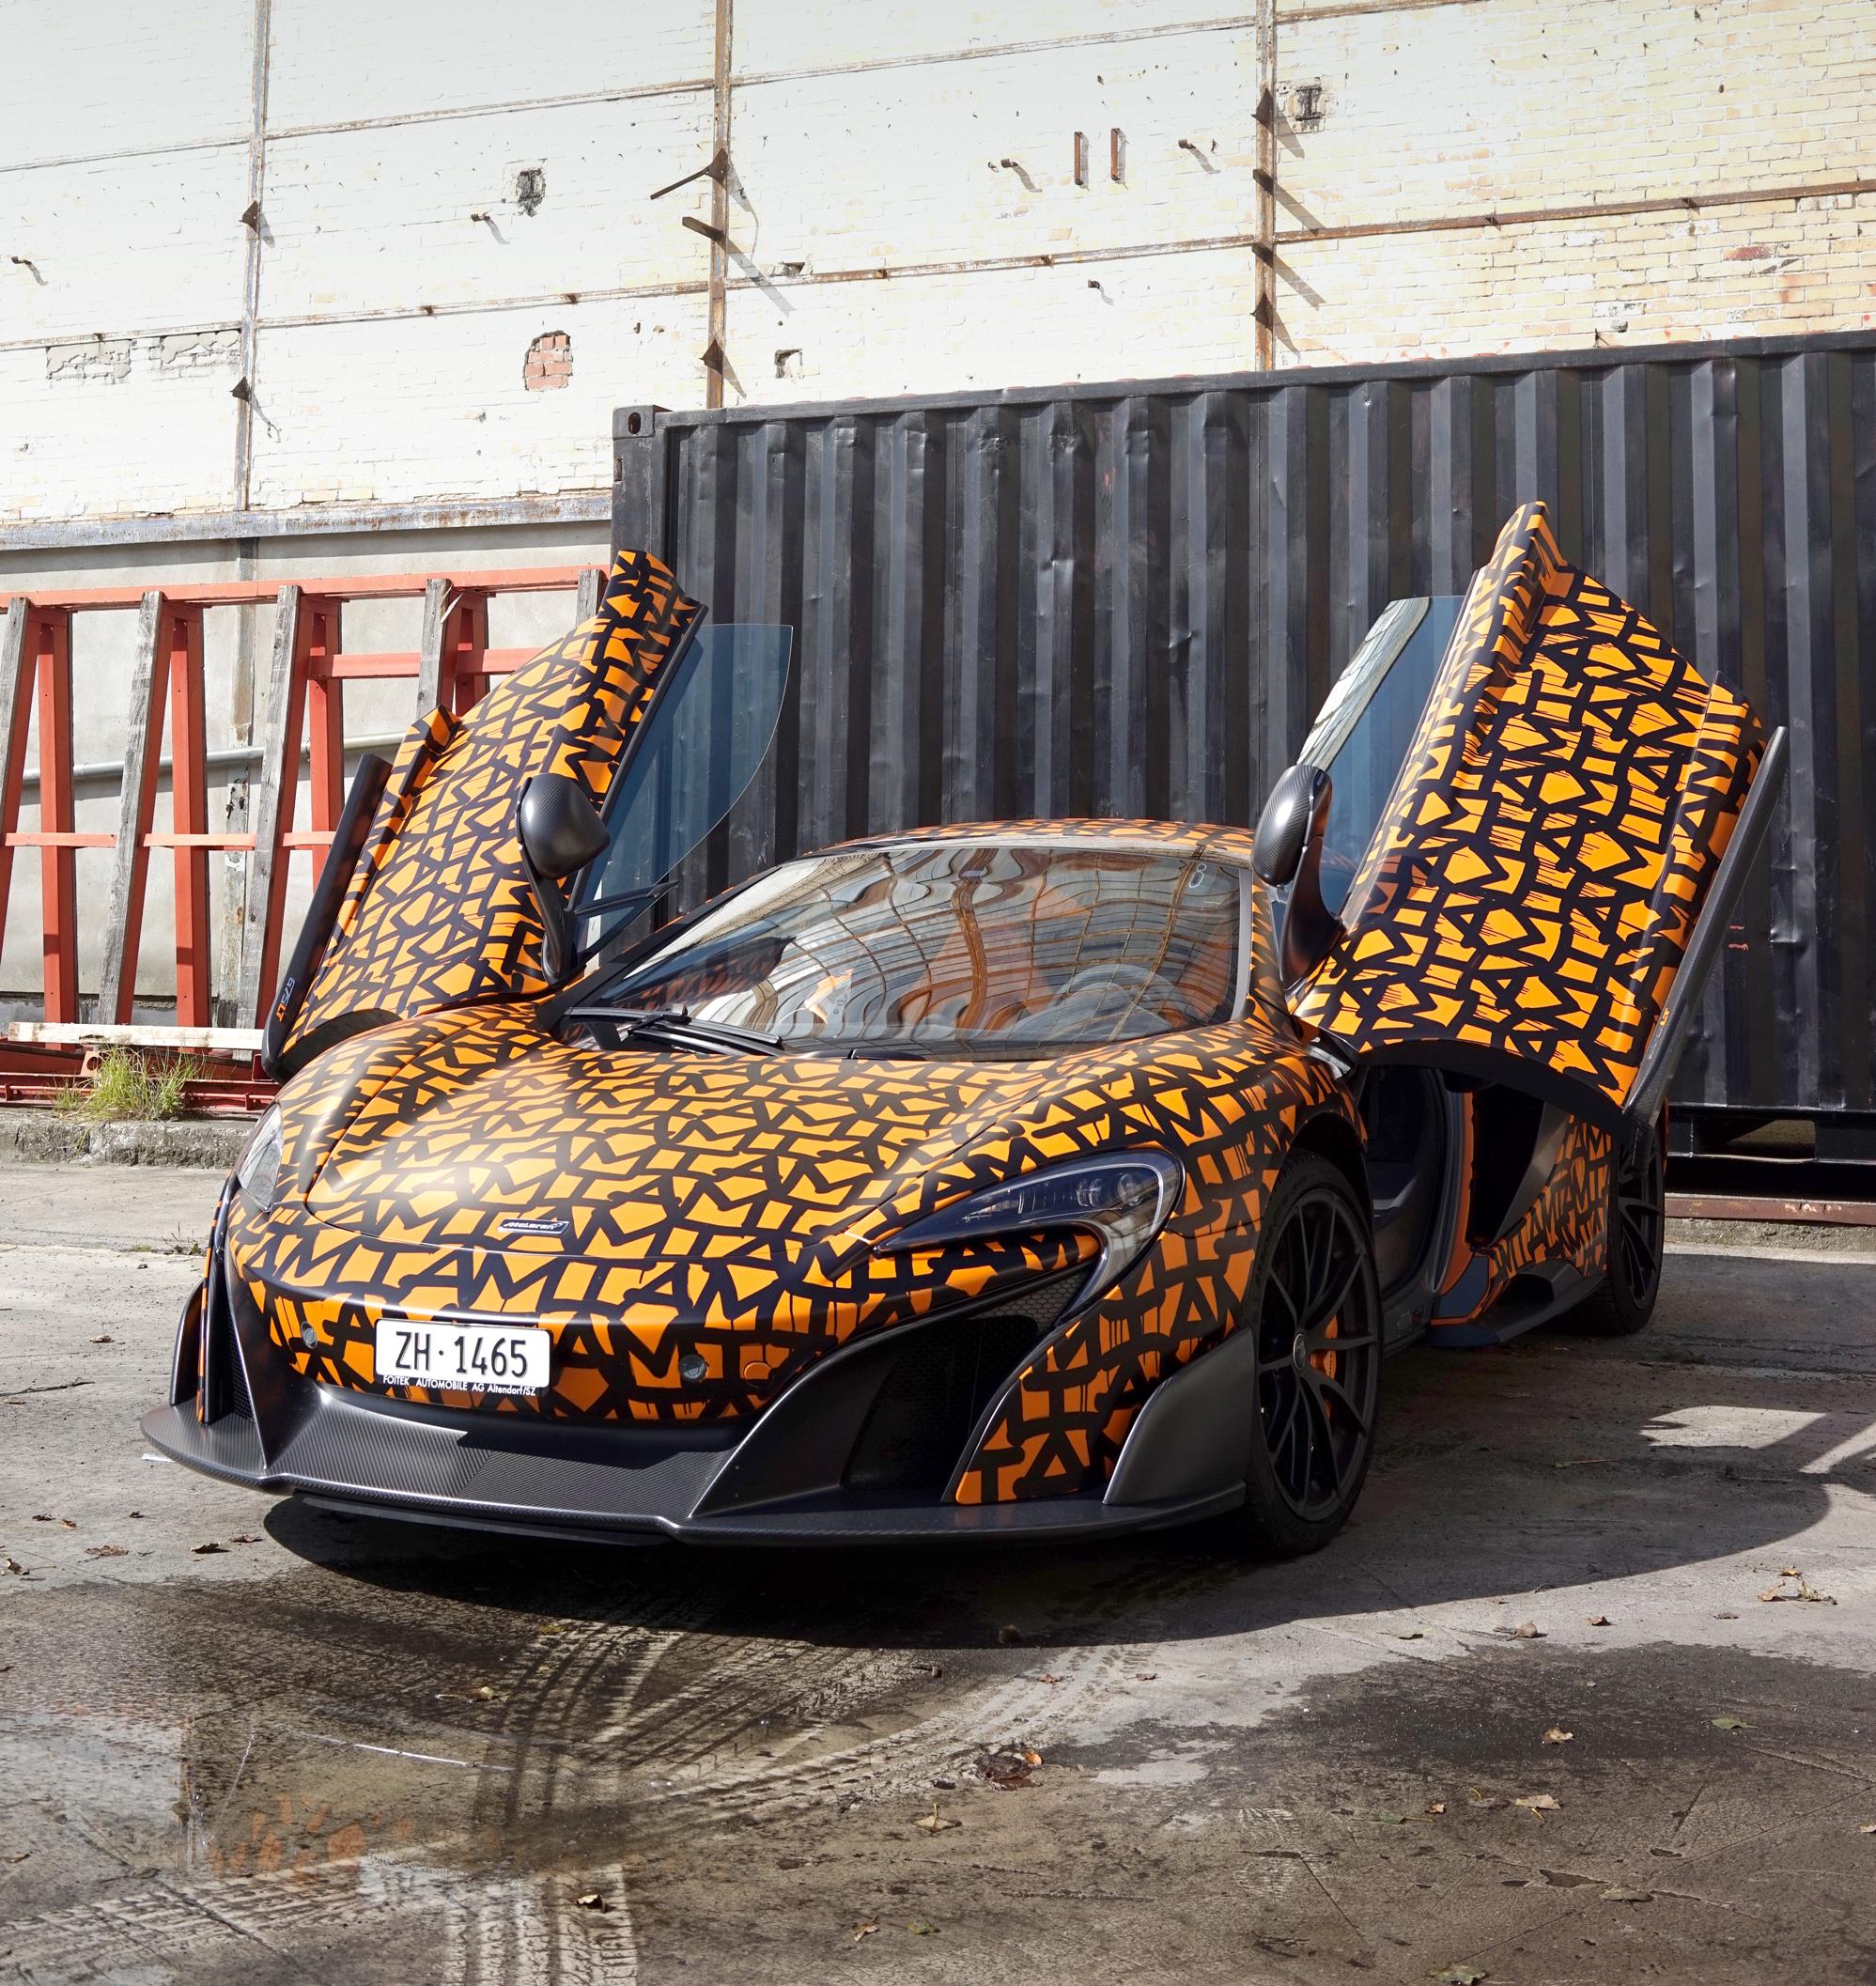 McLaren in Berlin